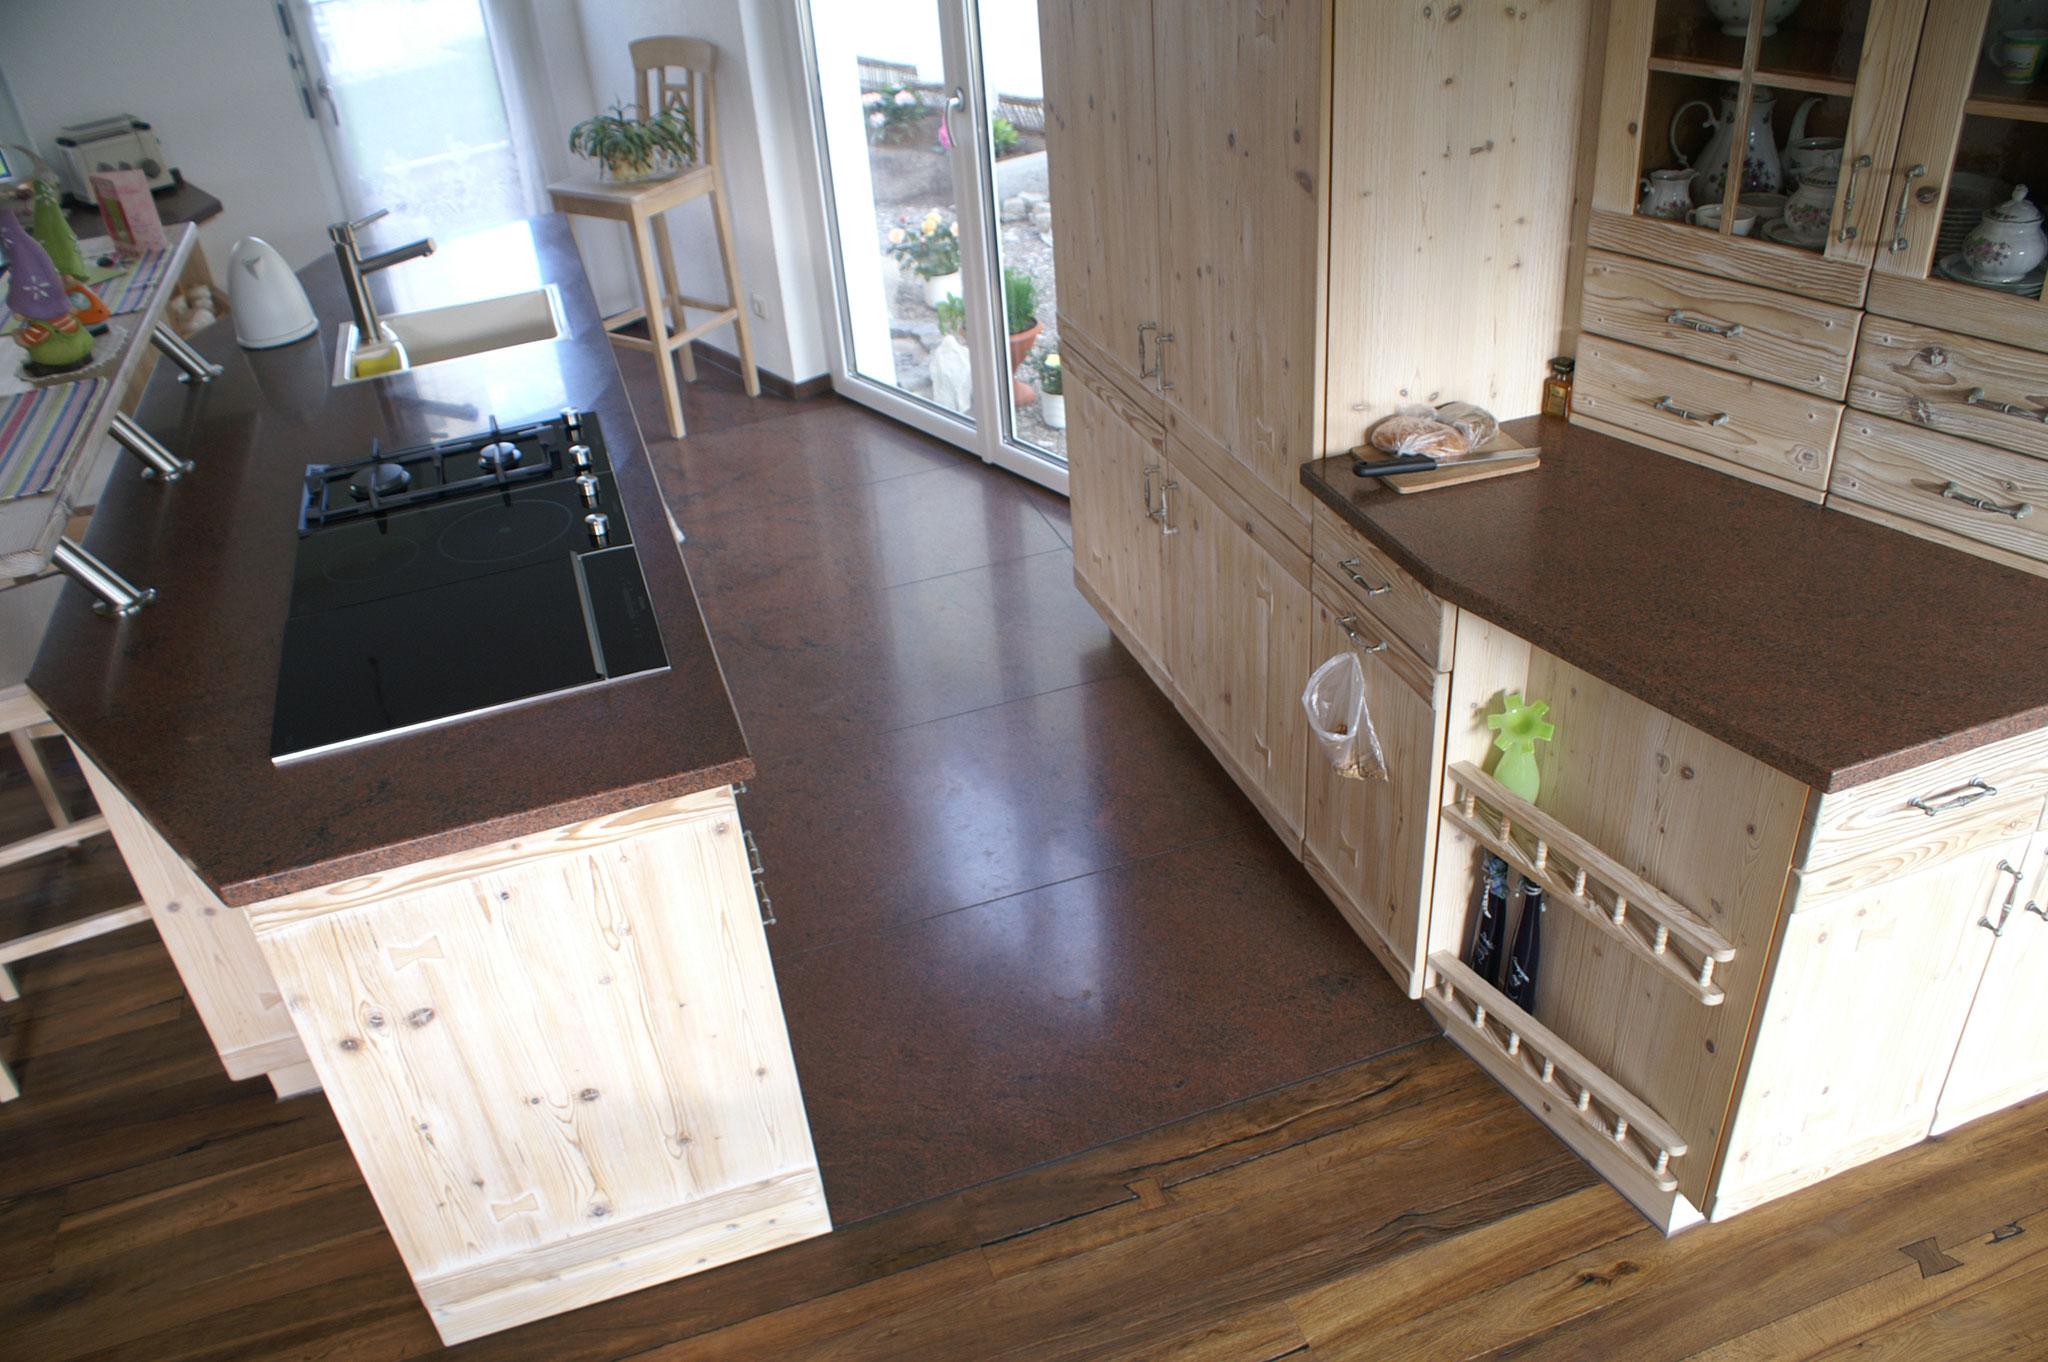 Kochinsel, Arbeitsfläche und Boden im Kochbereich aus Baltic Teak